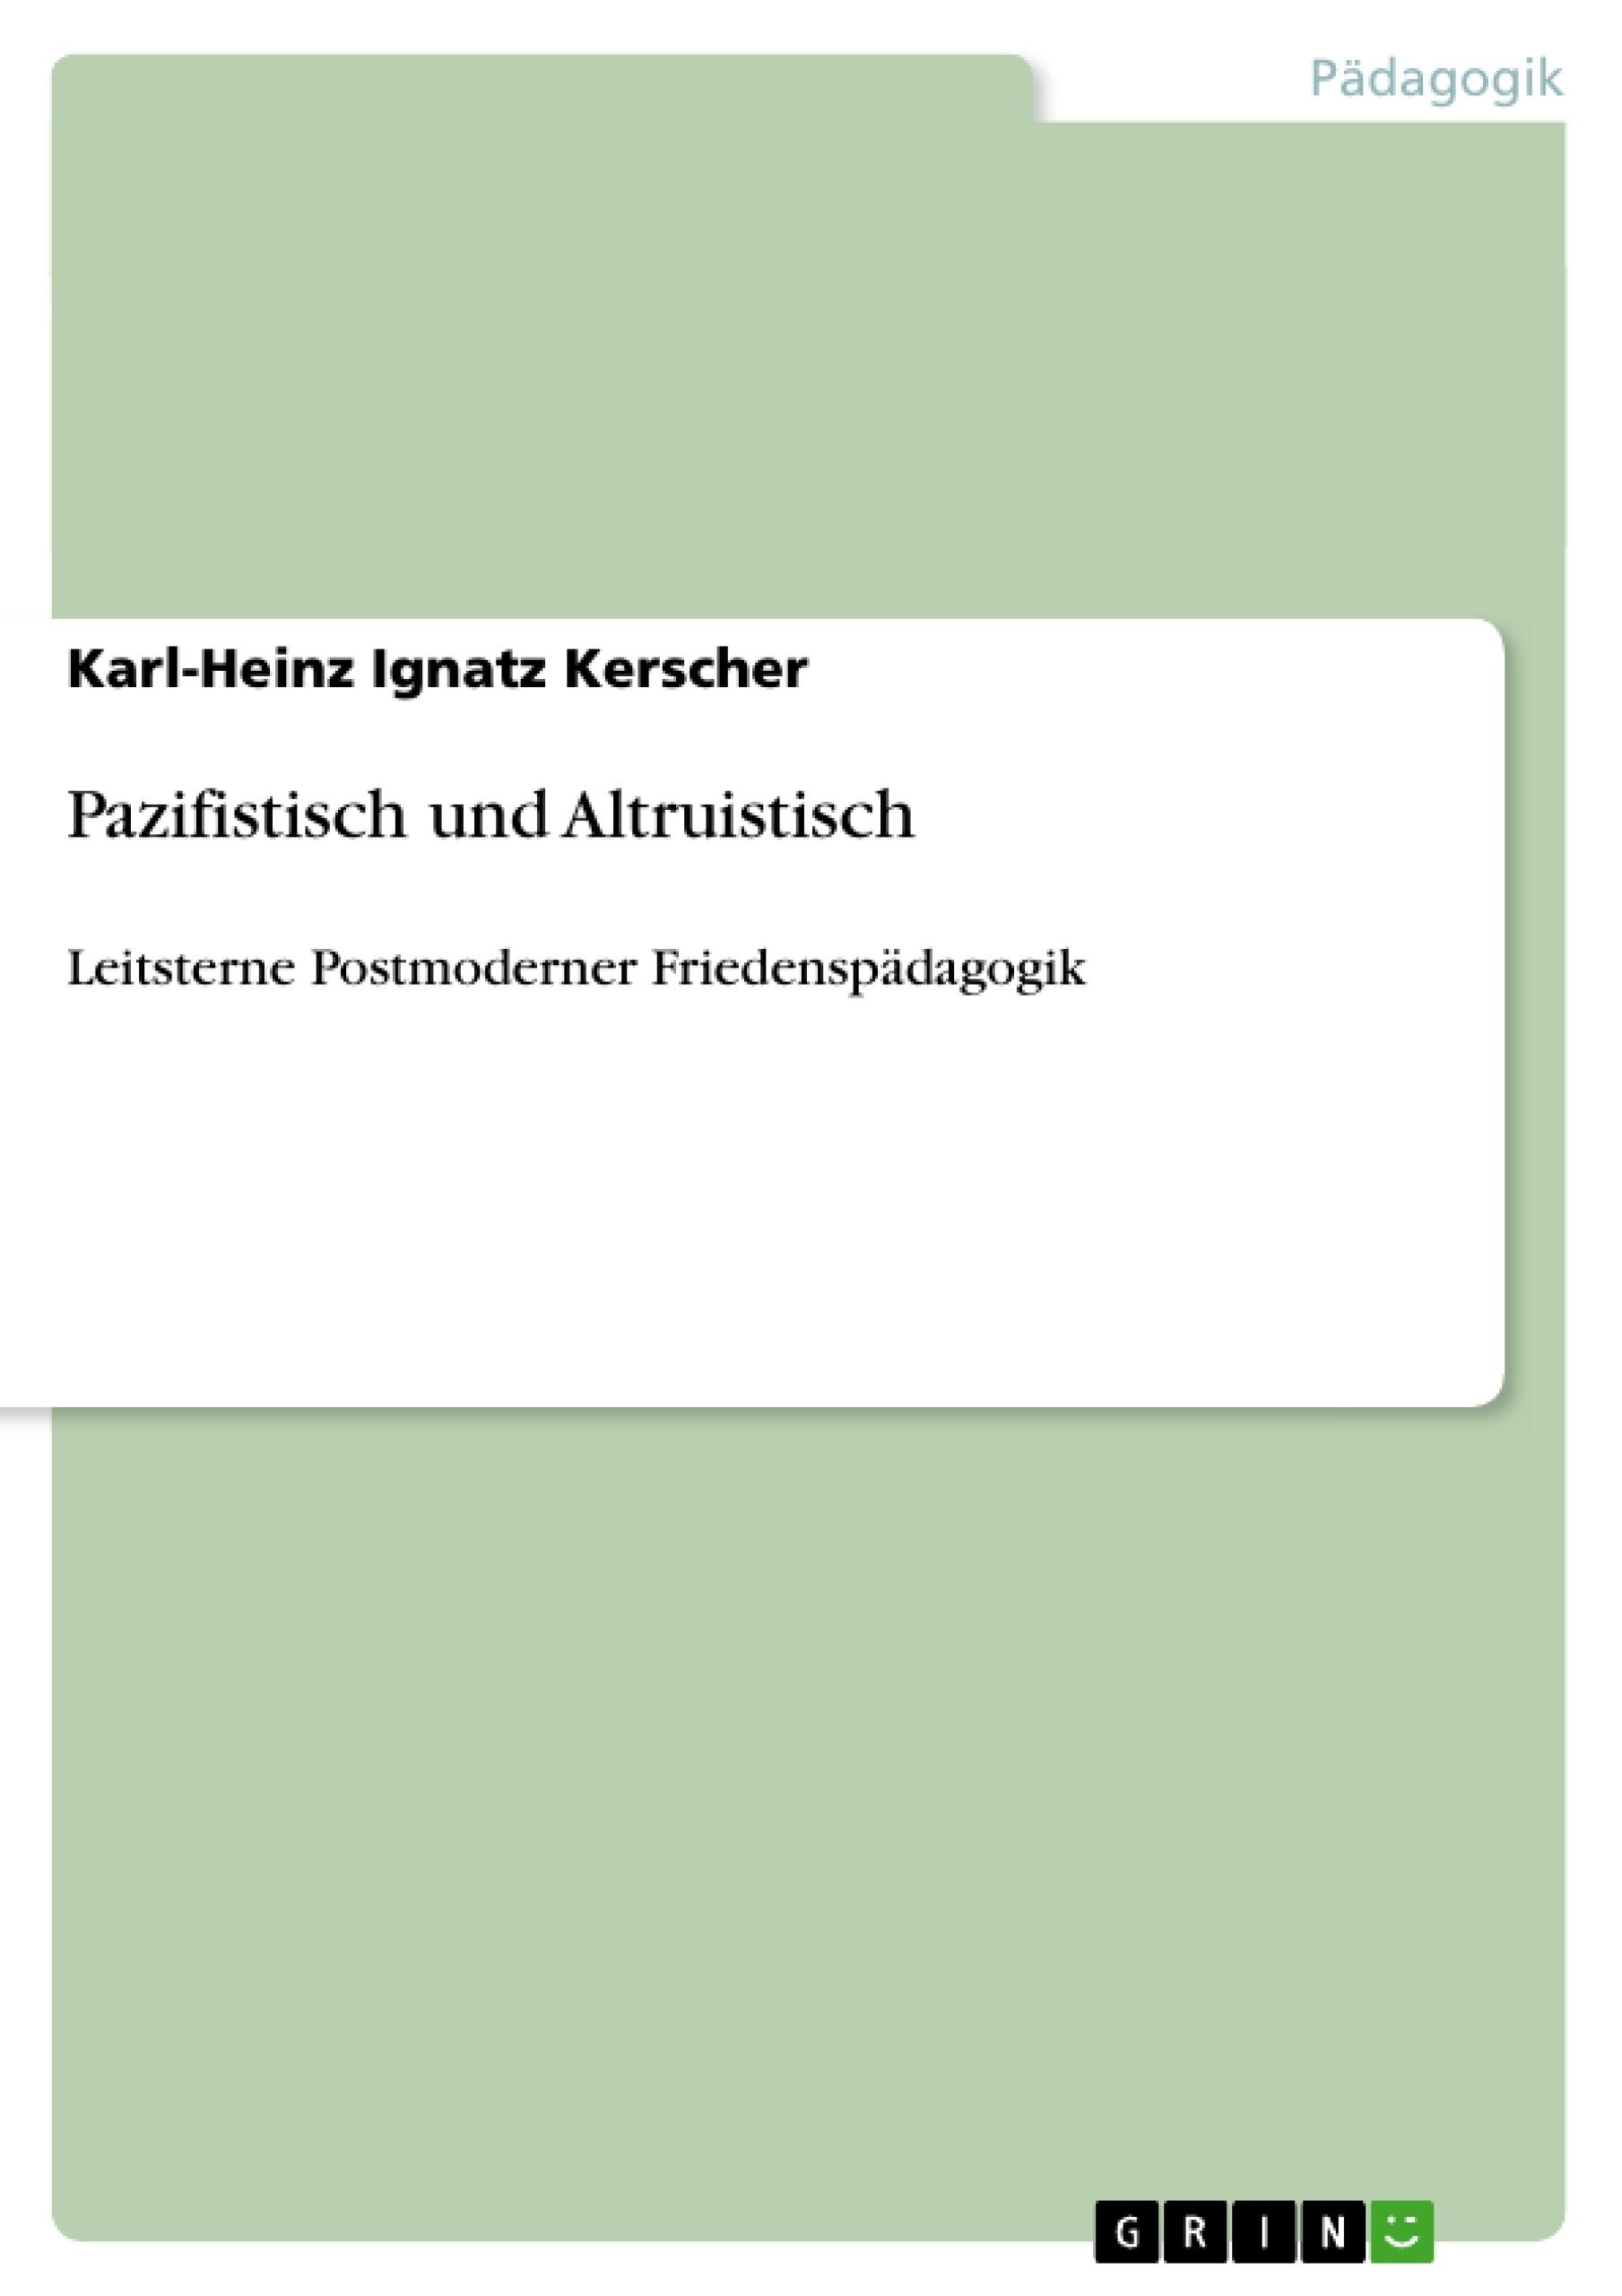 Titel: Pazifistisch und Altruistisch